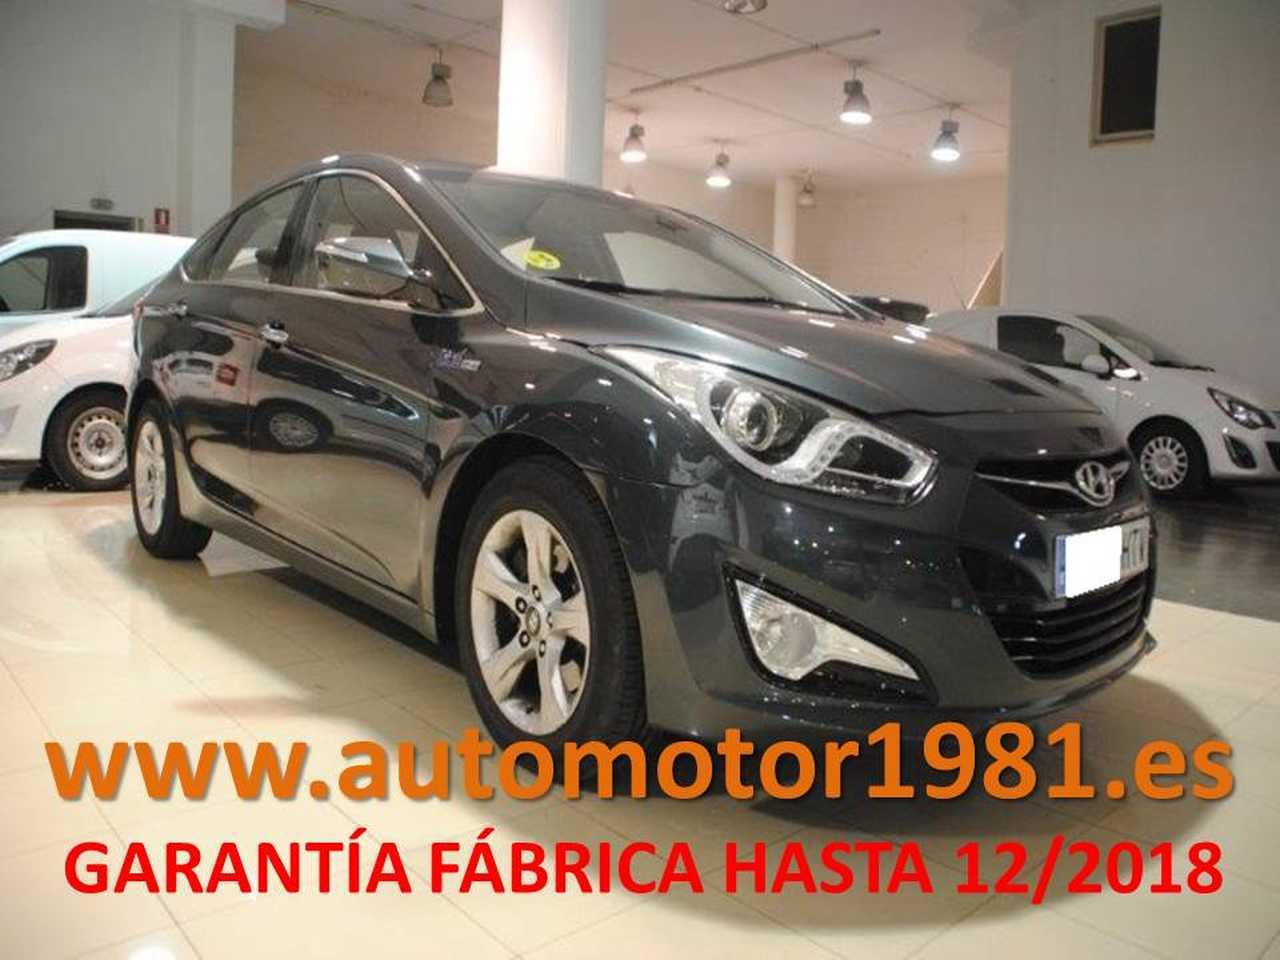 Hyundai i40 1.7CRDI GLS Bluedrive Tecno 136 - GARANTIA FABRICA 12/2018  - Foto 1